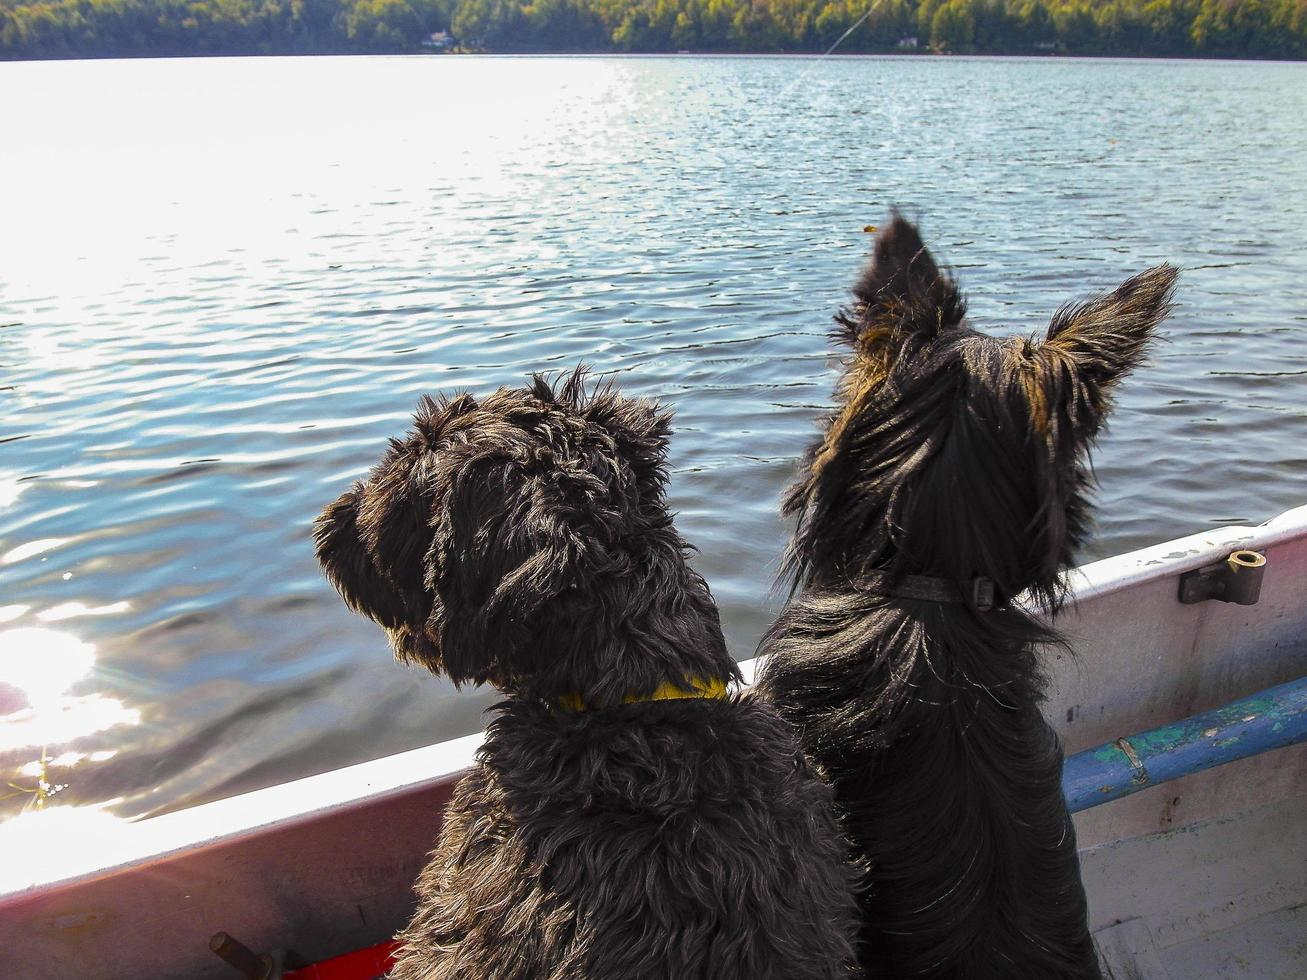 due cani in una barca che si affaccia su un lago con una foresta sullo sfondo foto